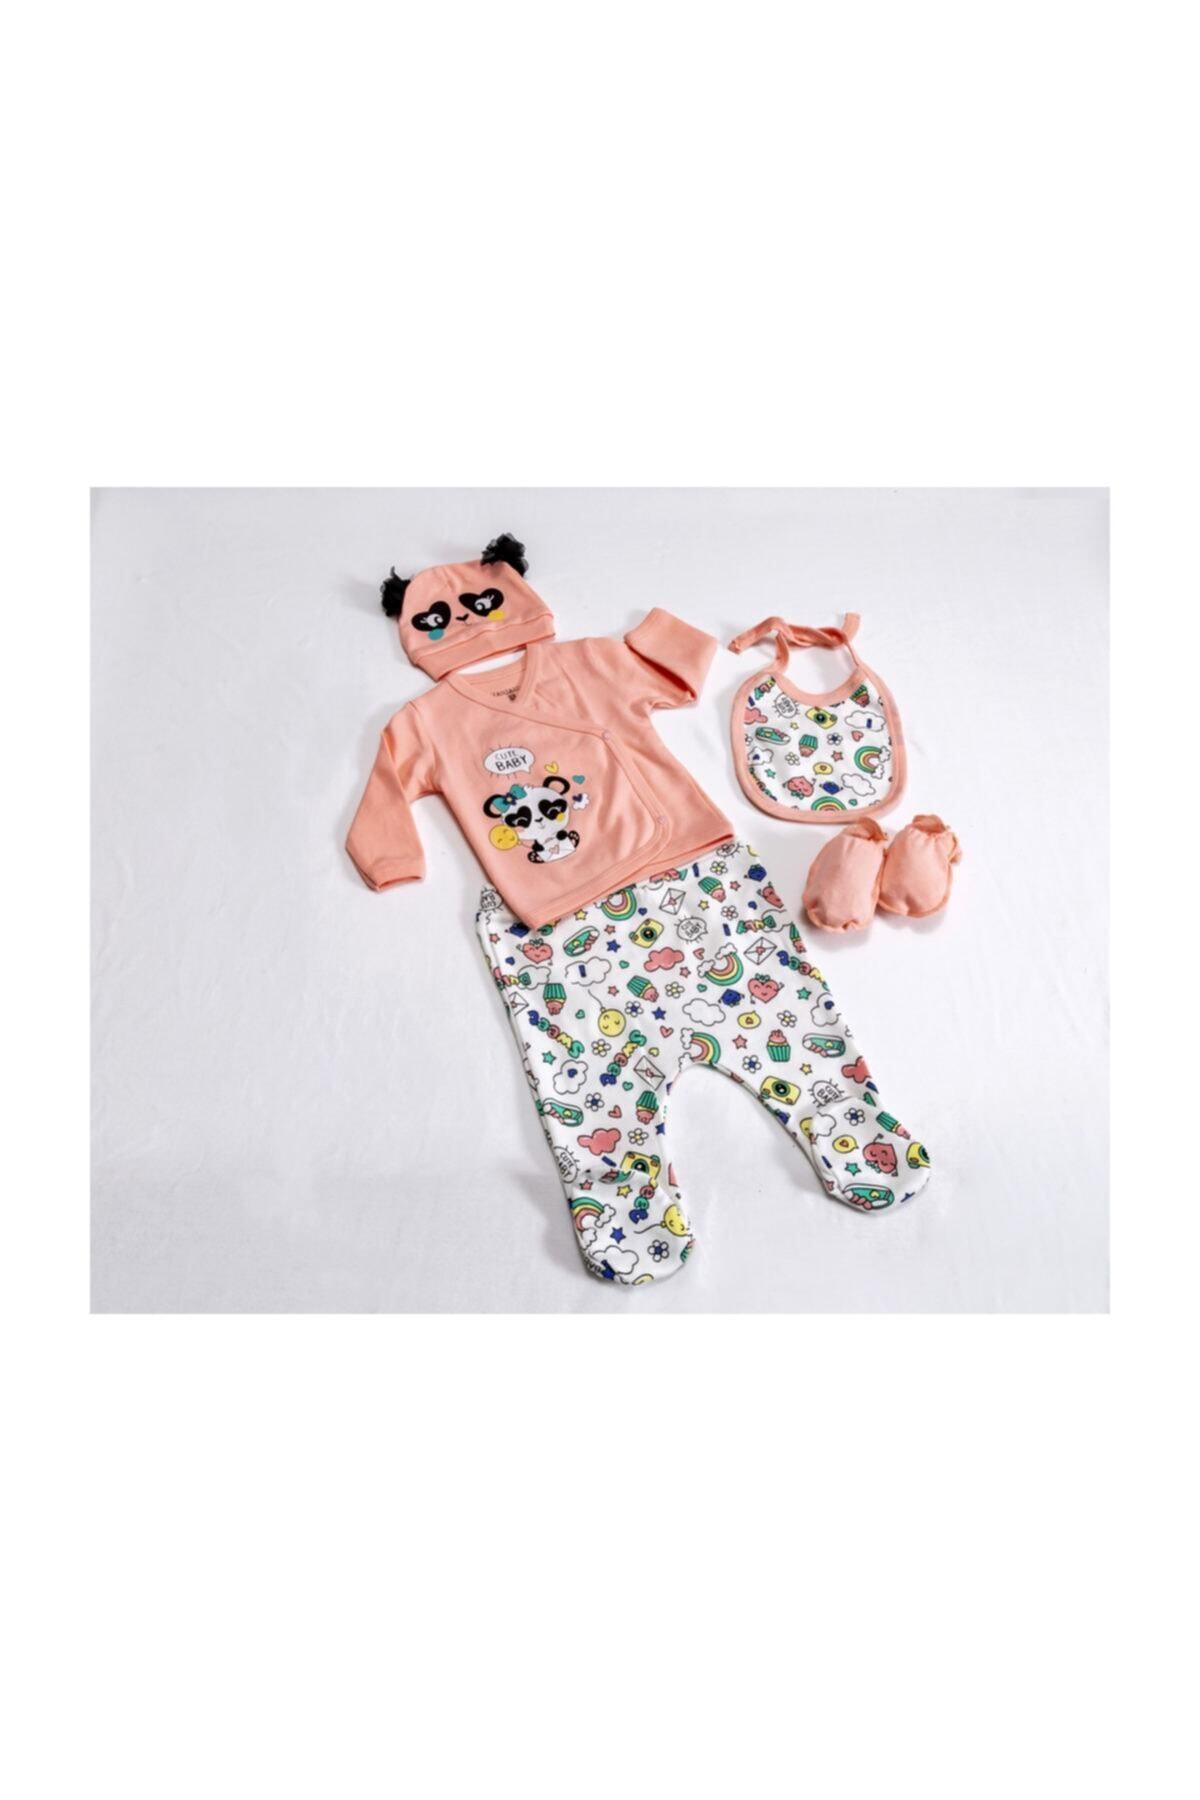 Eda Baby Kız Bebek Pembe Panda Hastane Çıkış Seti 1